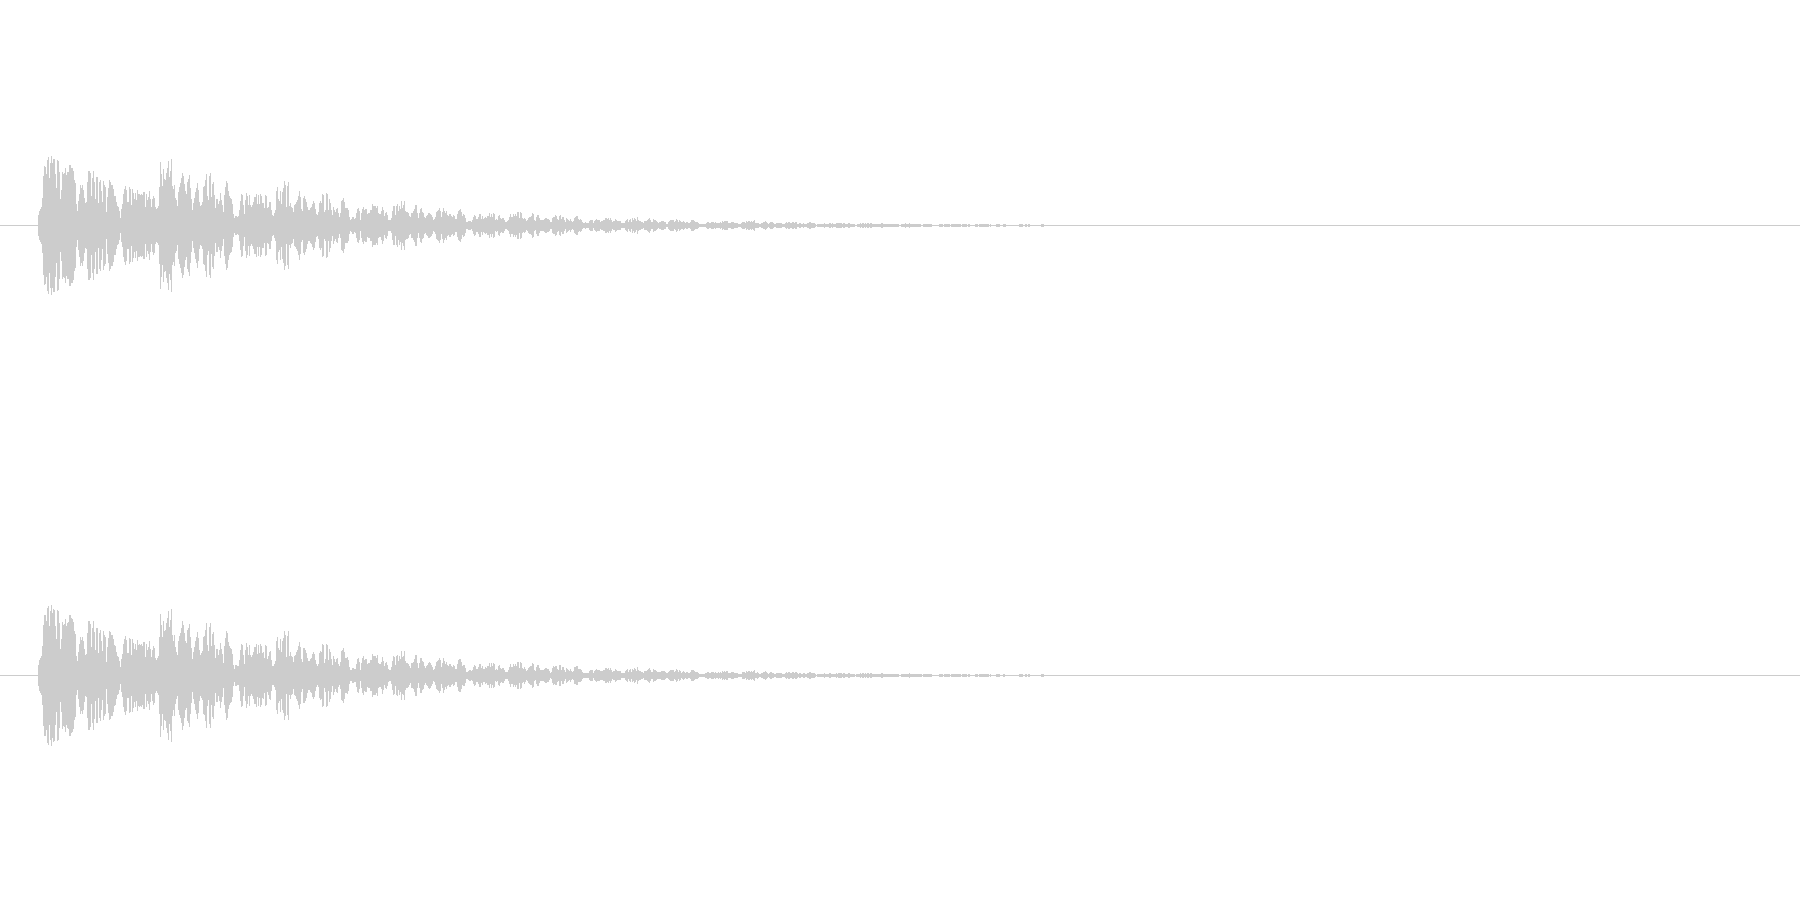 【ネガティブ07-8】の未再生の波形